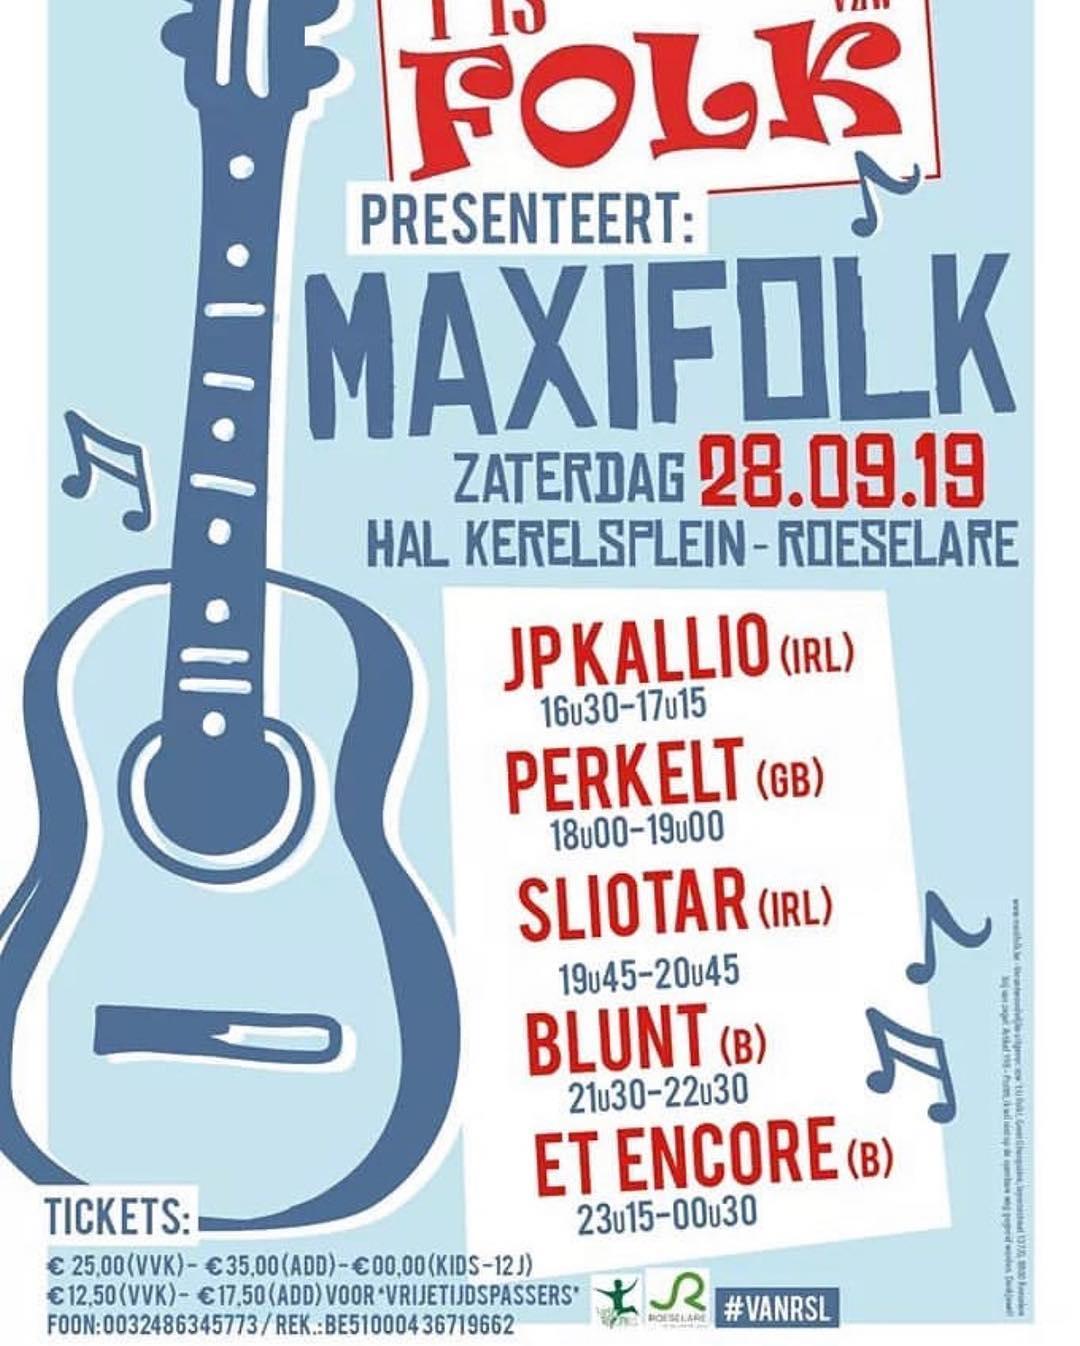 Maxifolk, Belgium